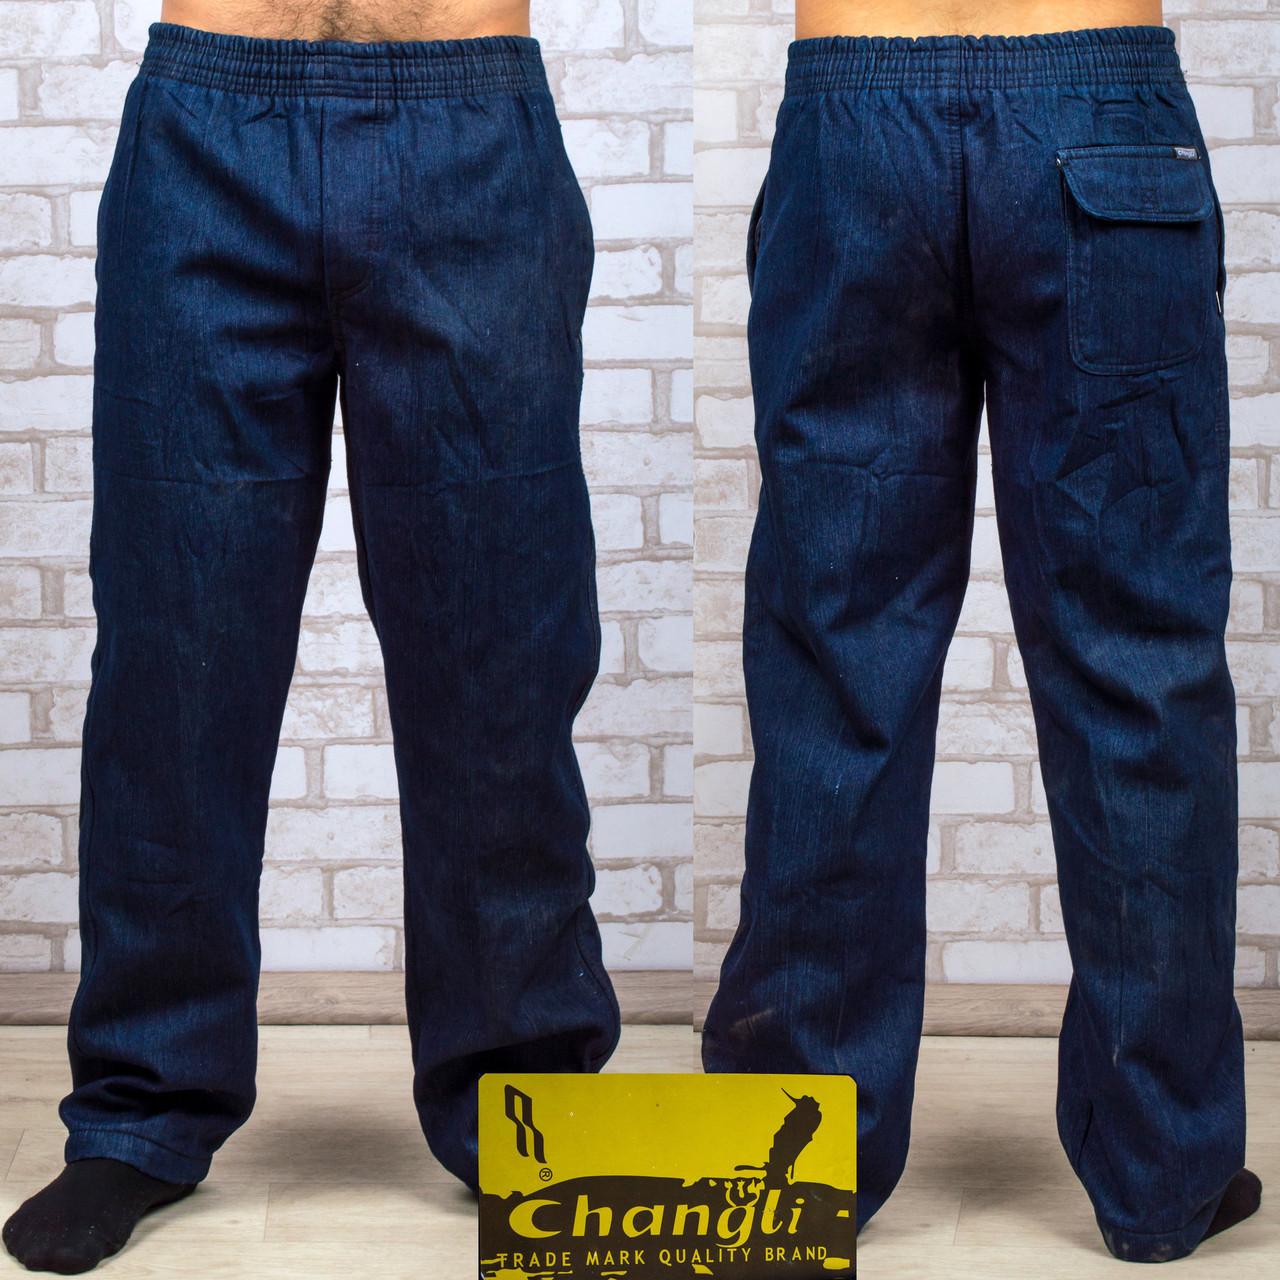 Чоловічі джинсові штани на флисе Andrey D01-2 5XL. сині.  продажа ... 83a5a731df59e